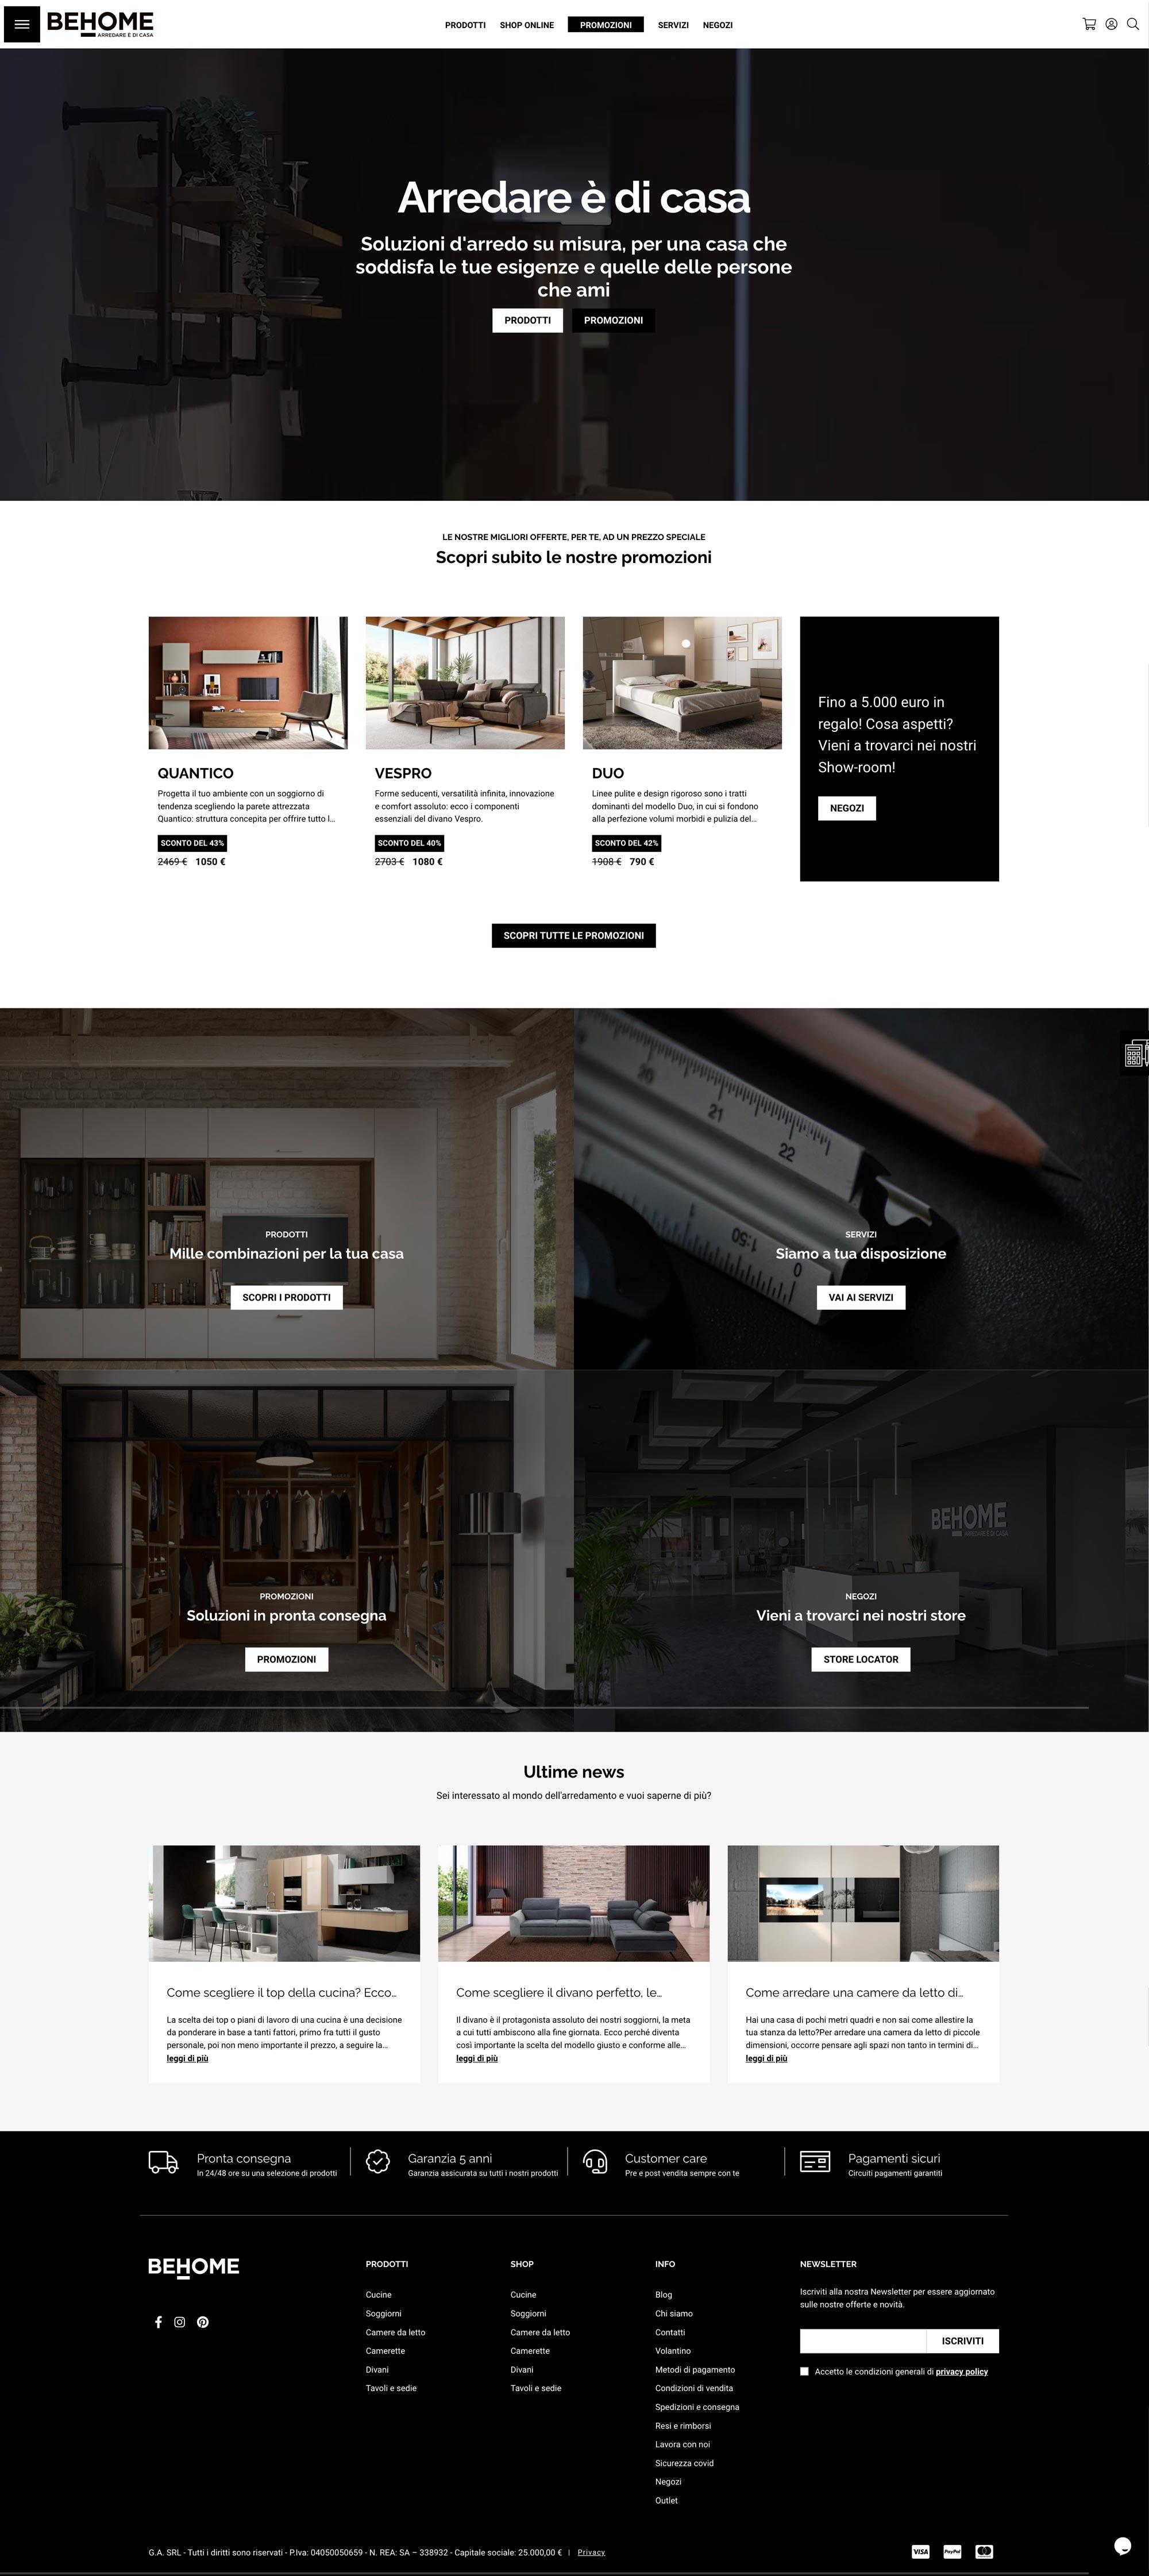 behome_site_homepage_emmemedia